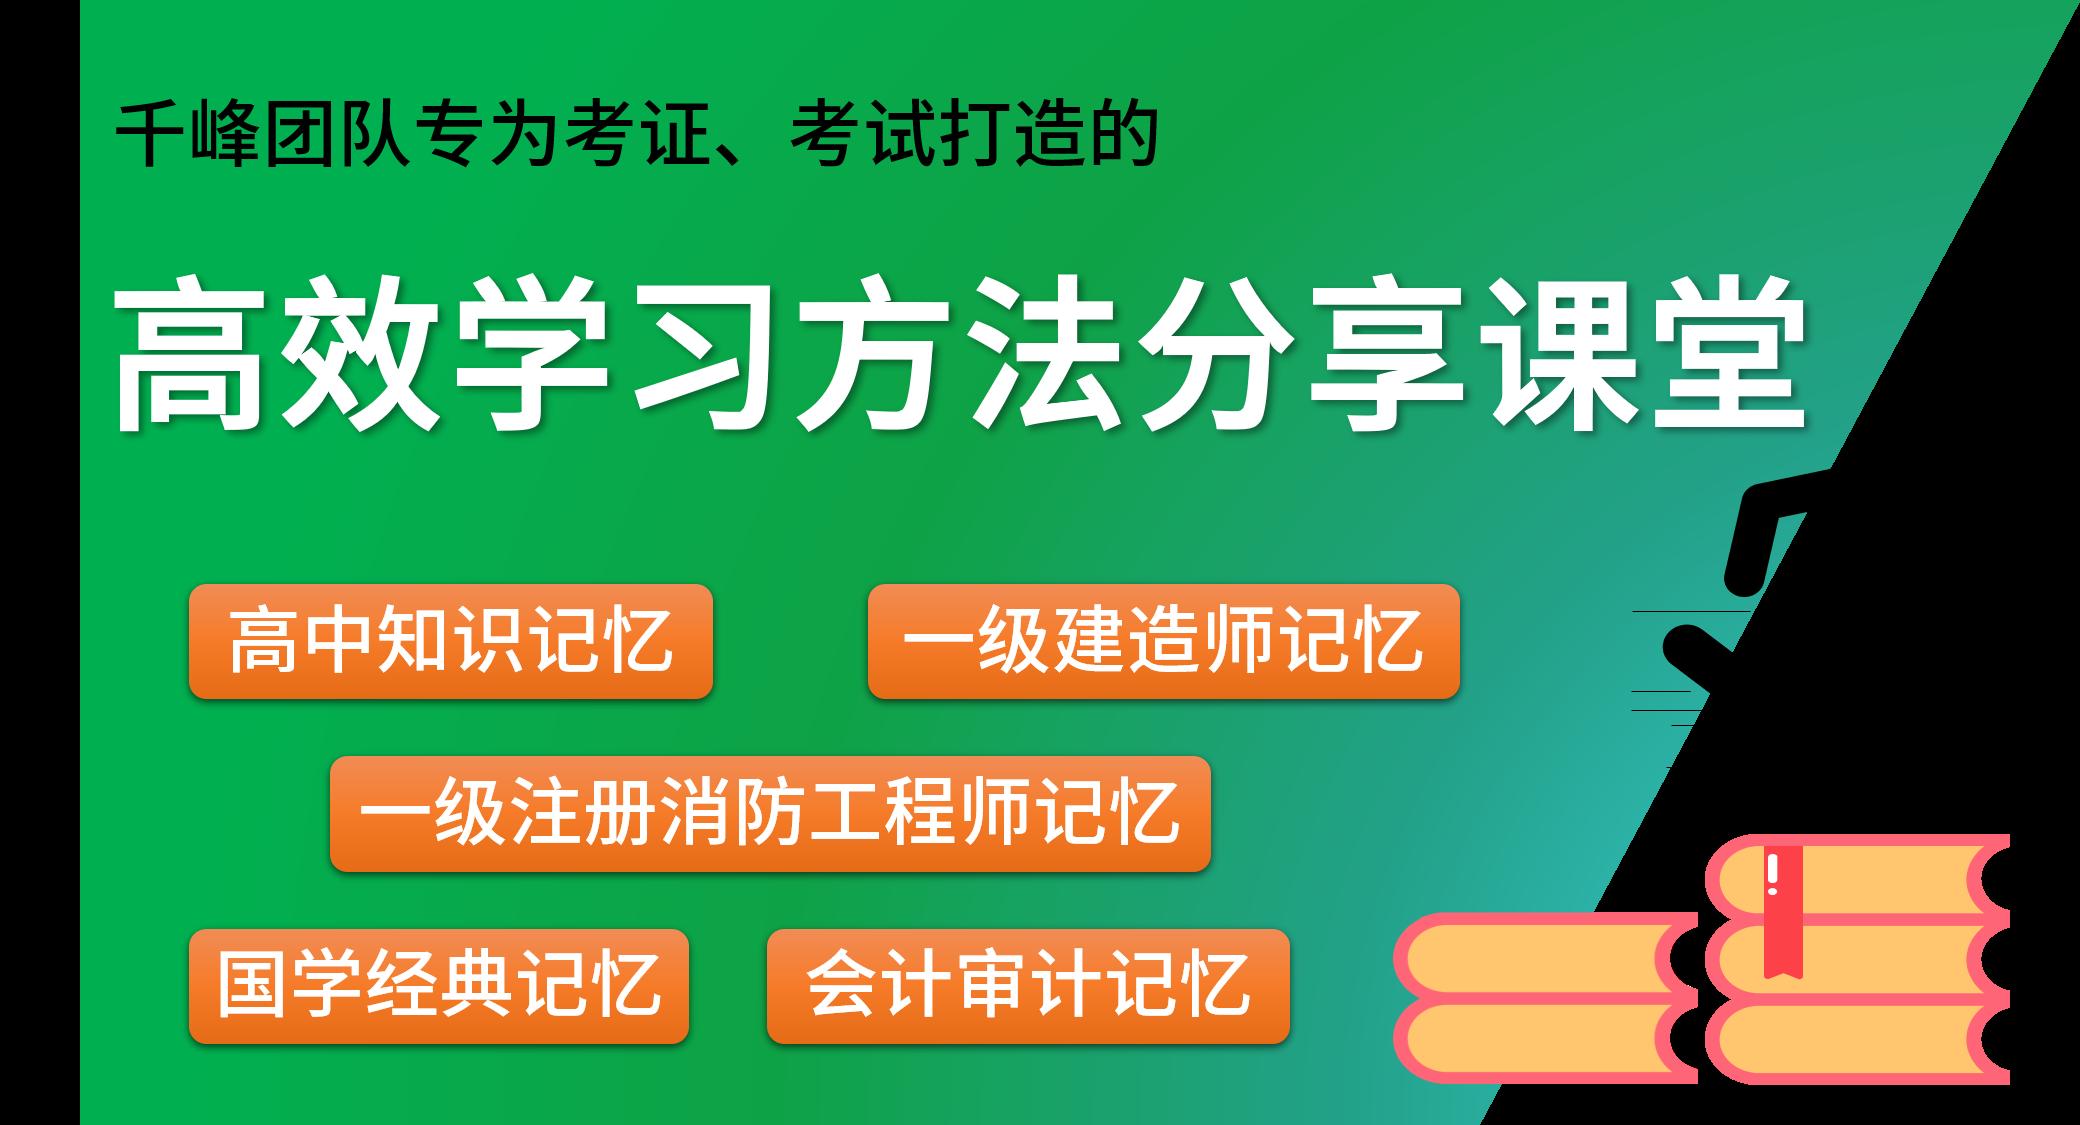 高效学习方法分享课堂(新)